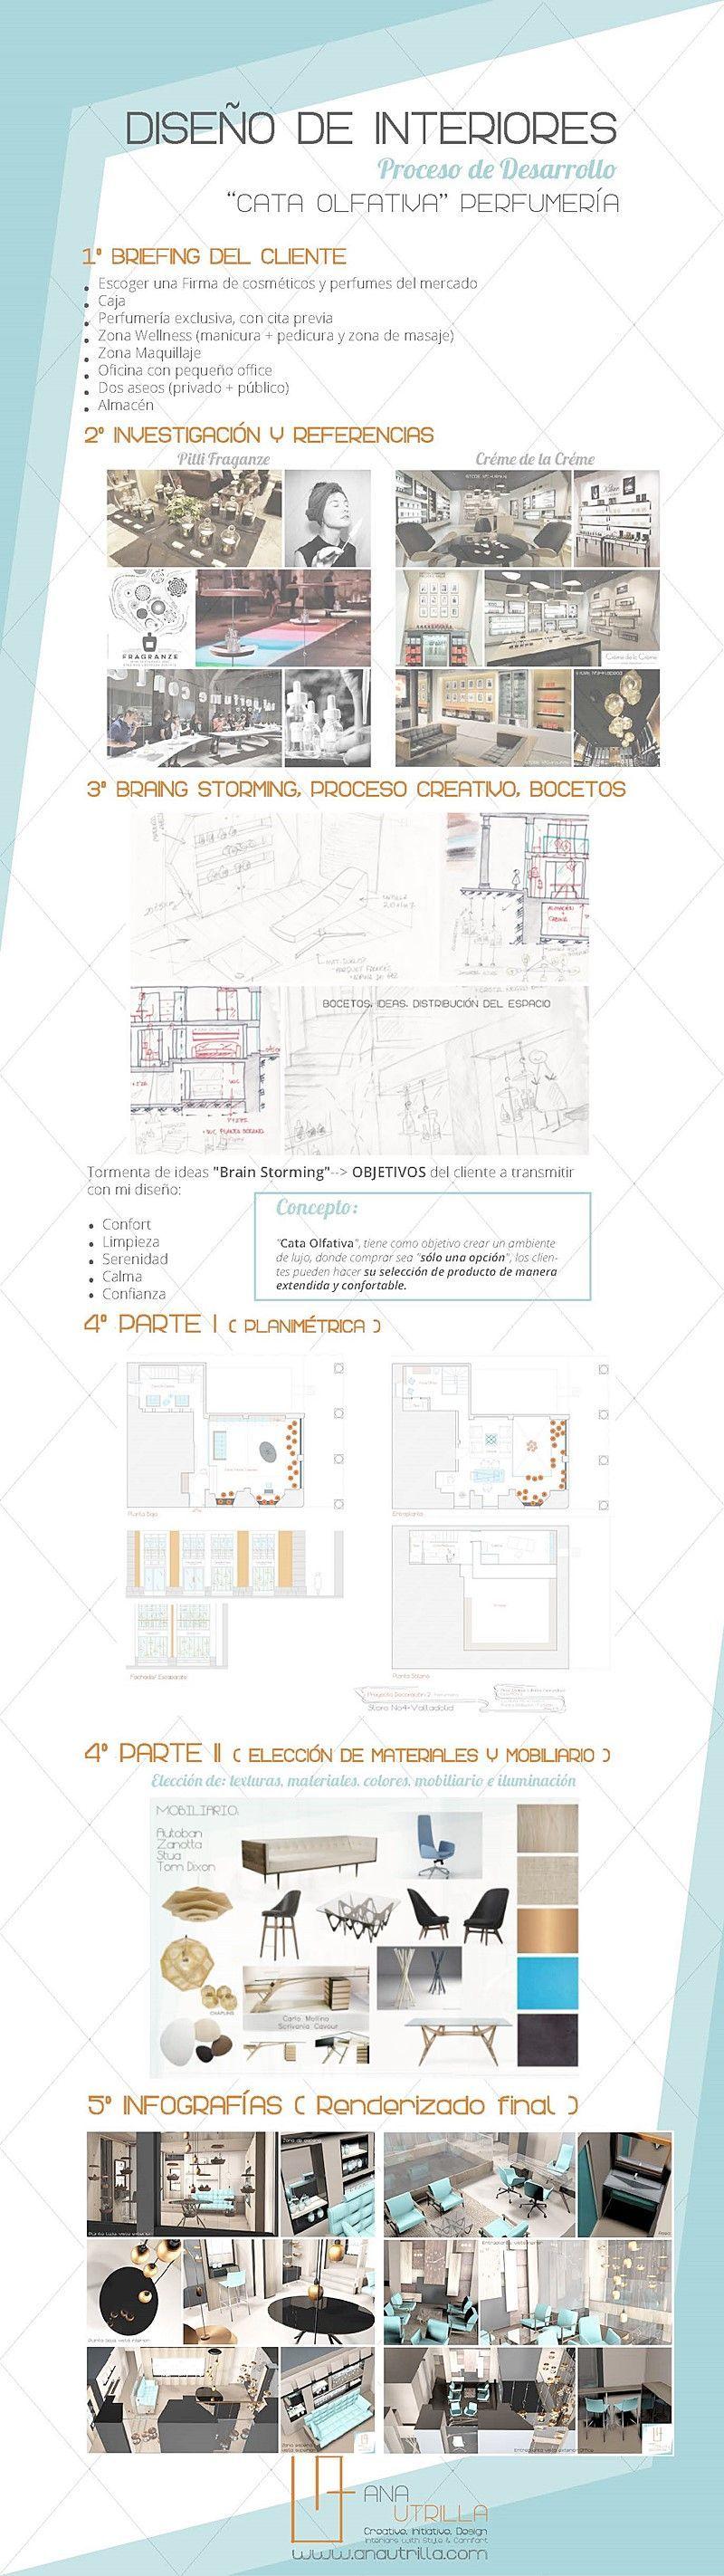 Proyecto de diseño e interiorismo de perfumería en Valladolid, resumen del trabajo a medida @utrillanais